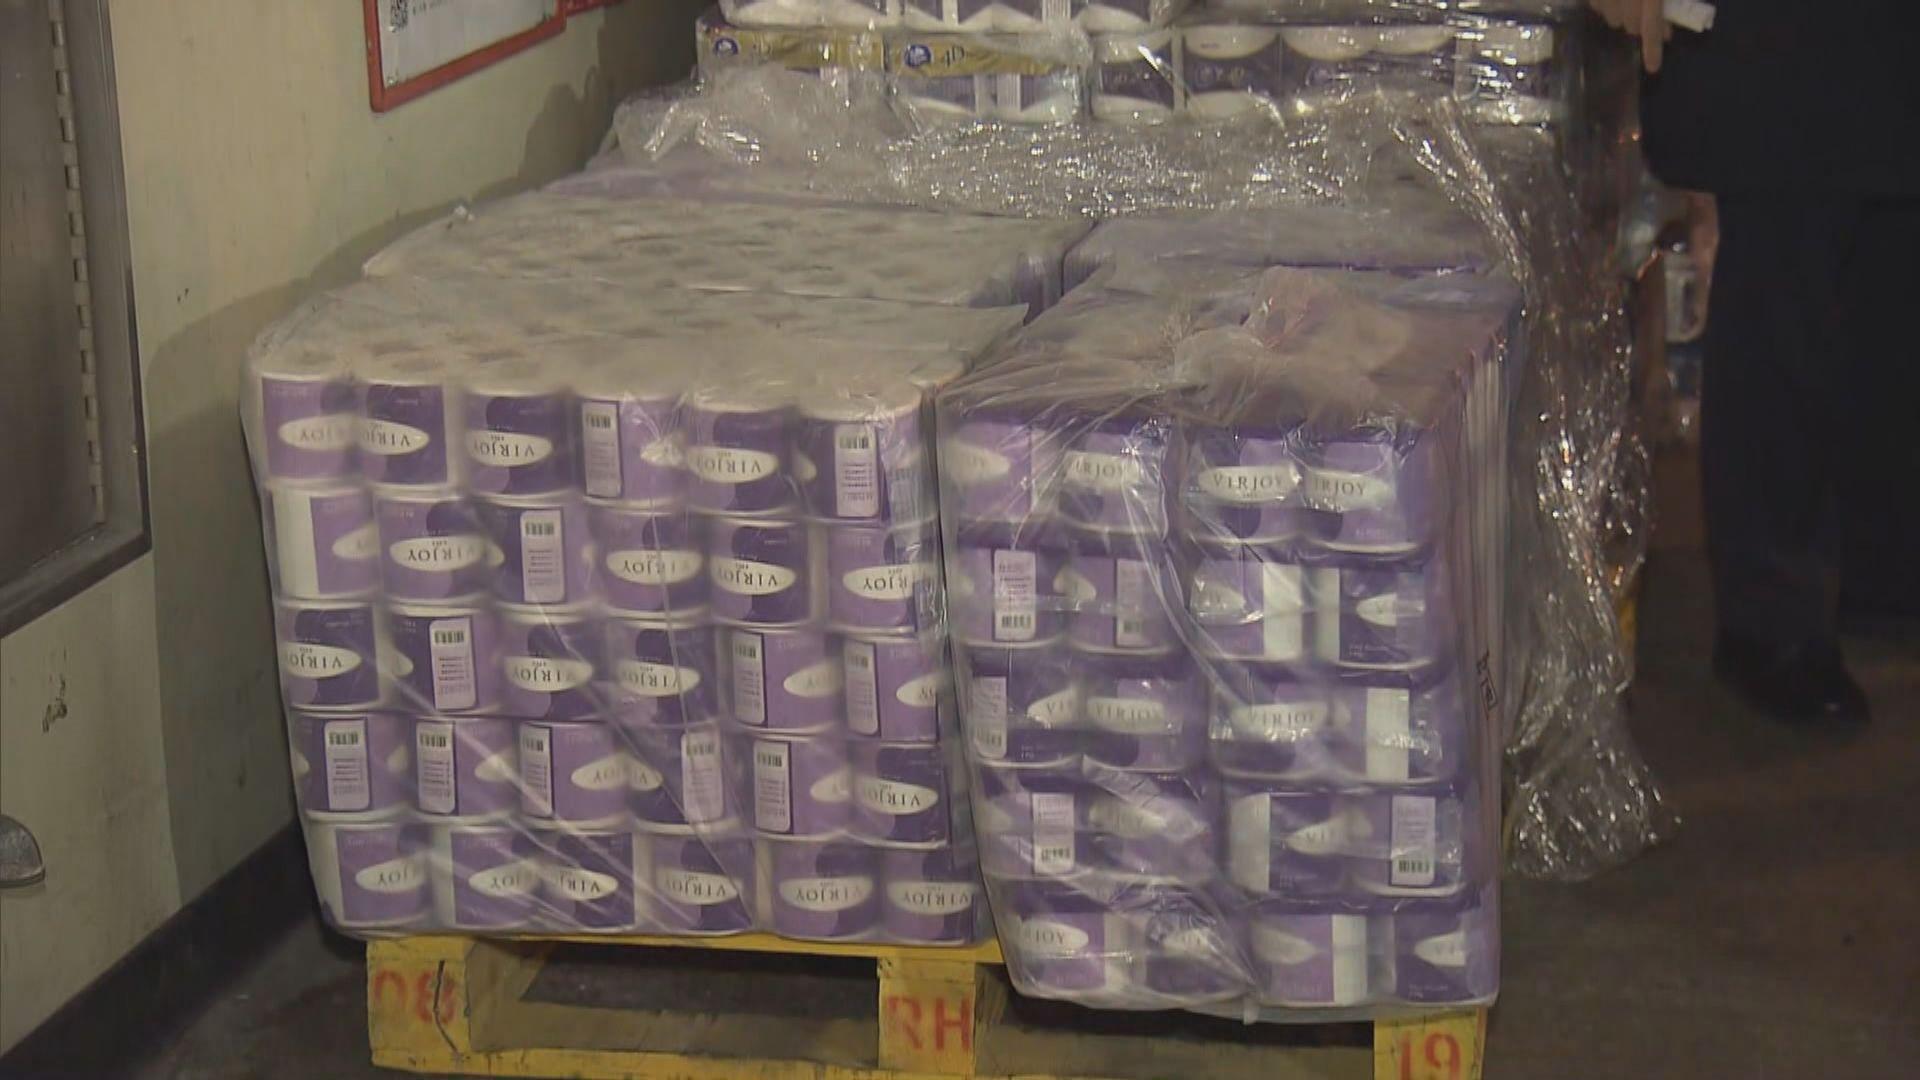 旺角超市遇劫損失六百卷廁紙 警起回被劫廁紙